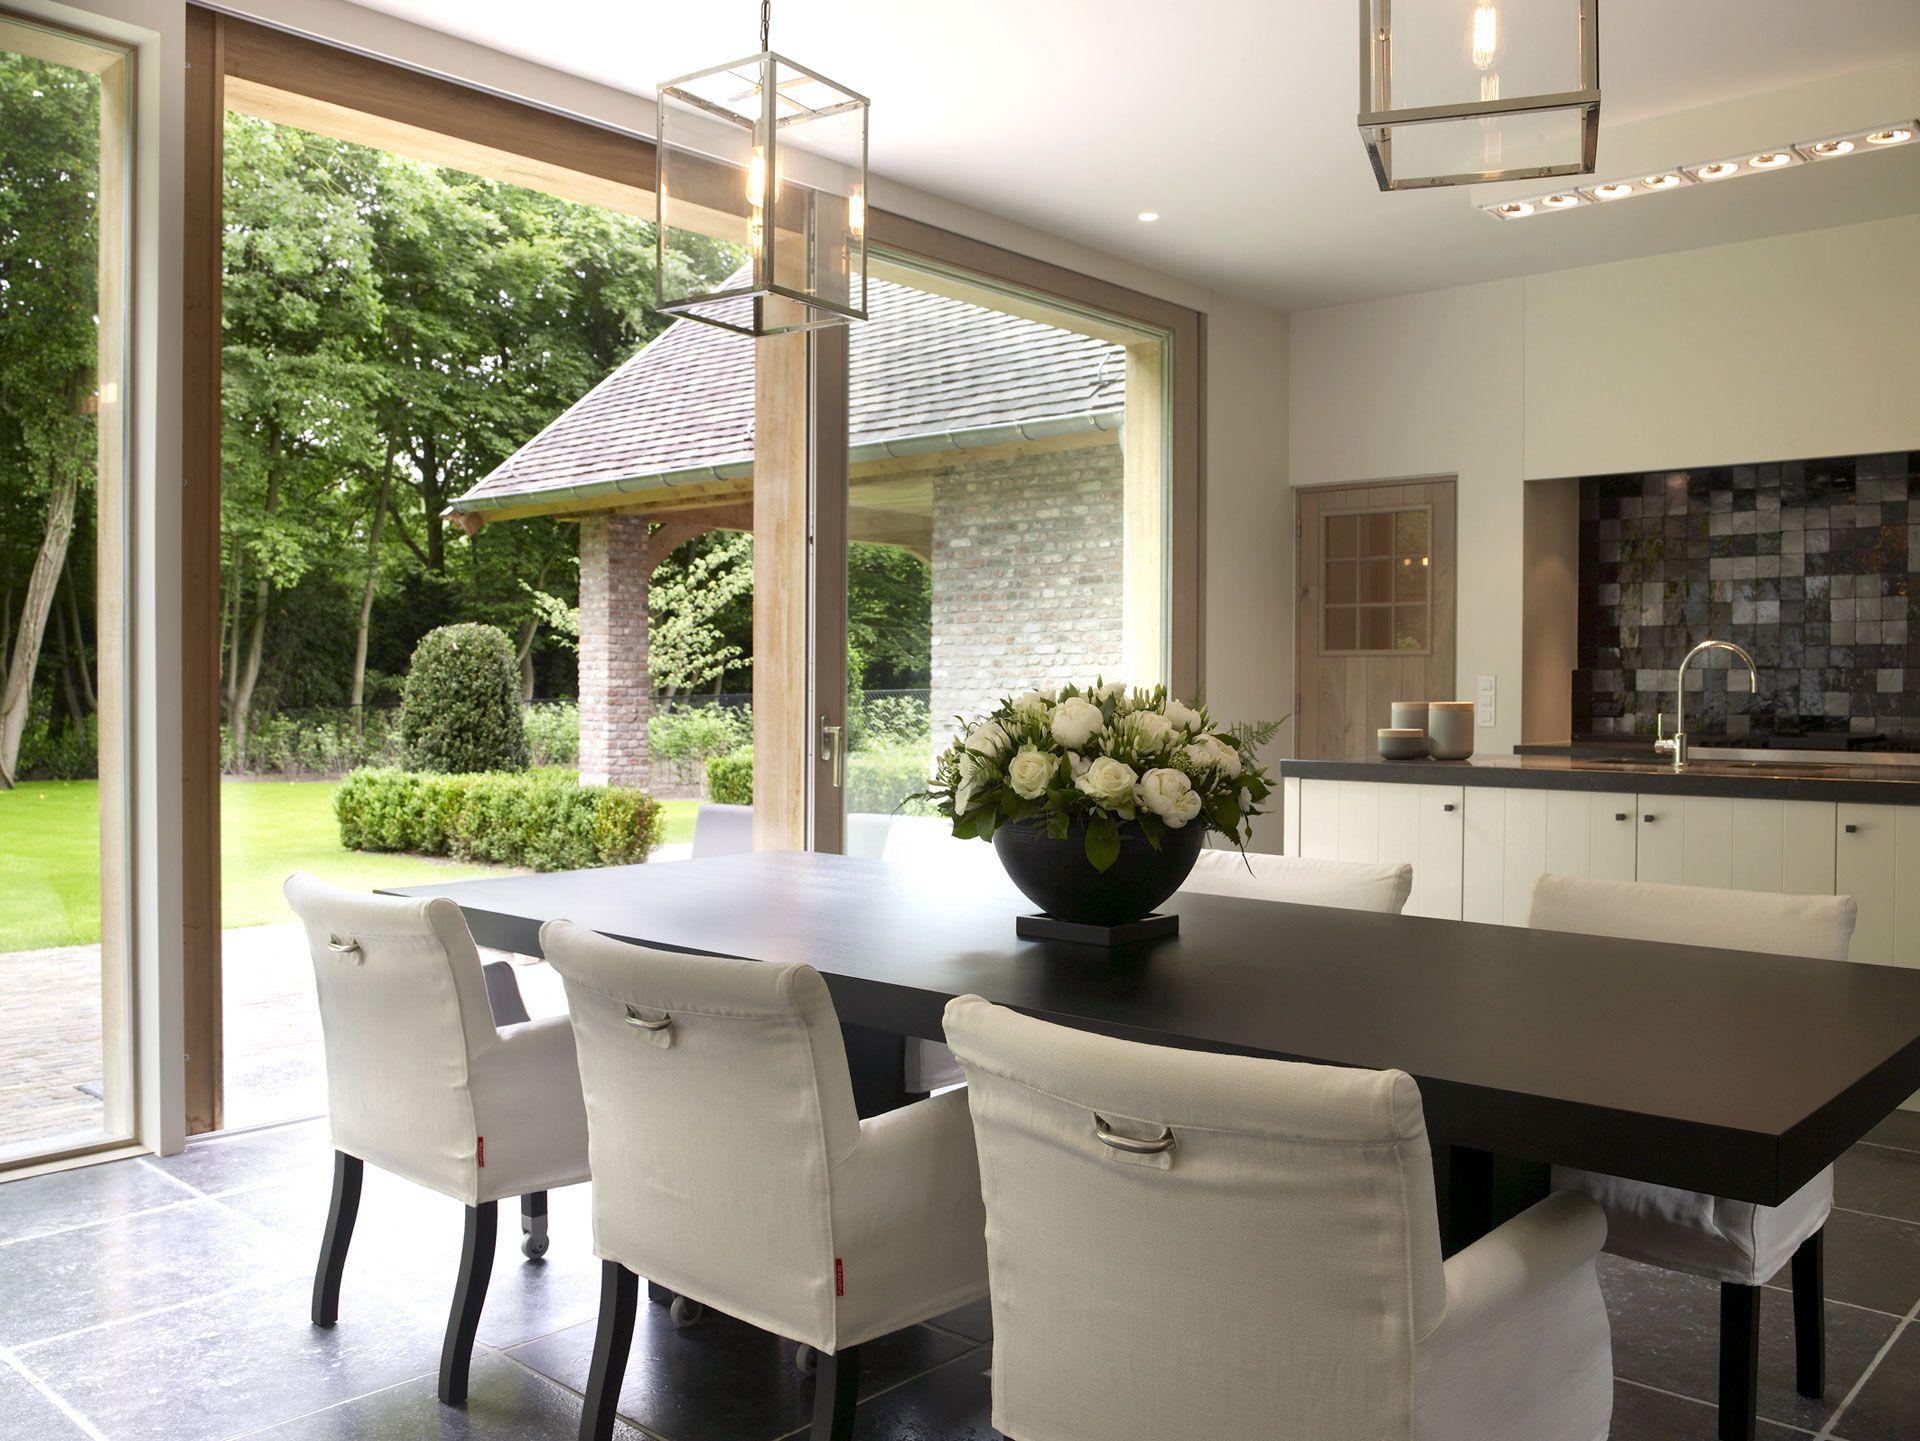 Fenster house pinterest fenster esszimmer und for Raumgestaltung zich